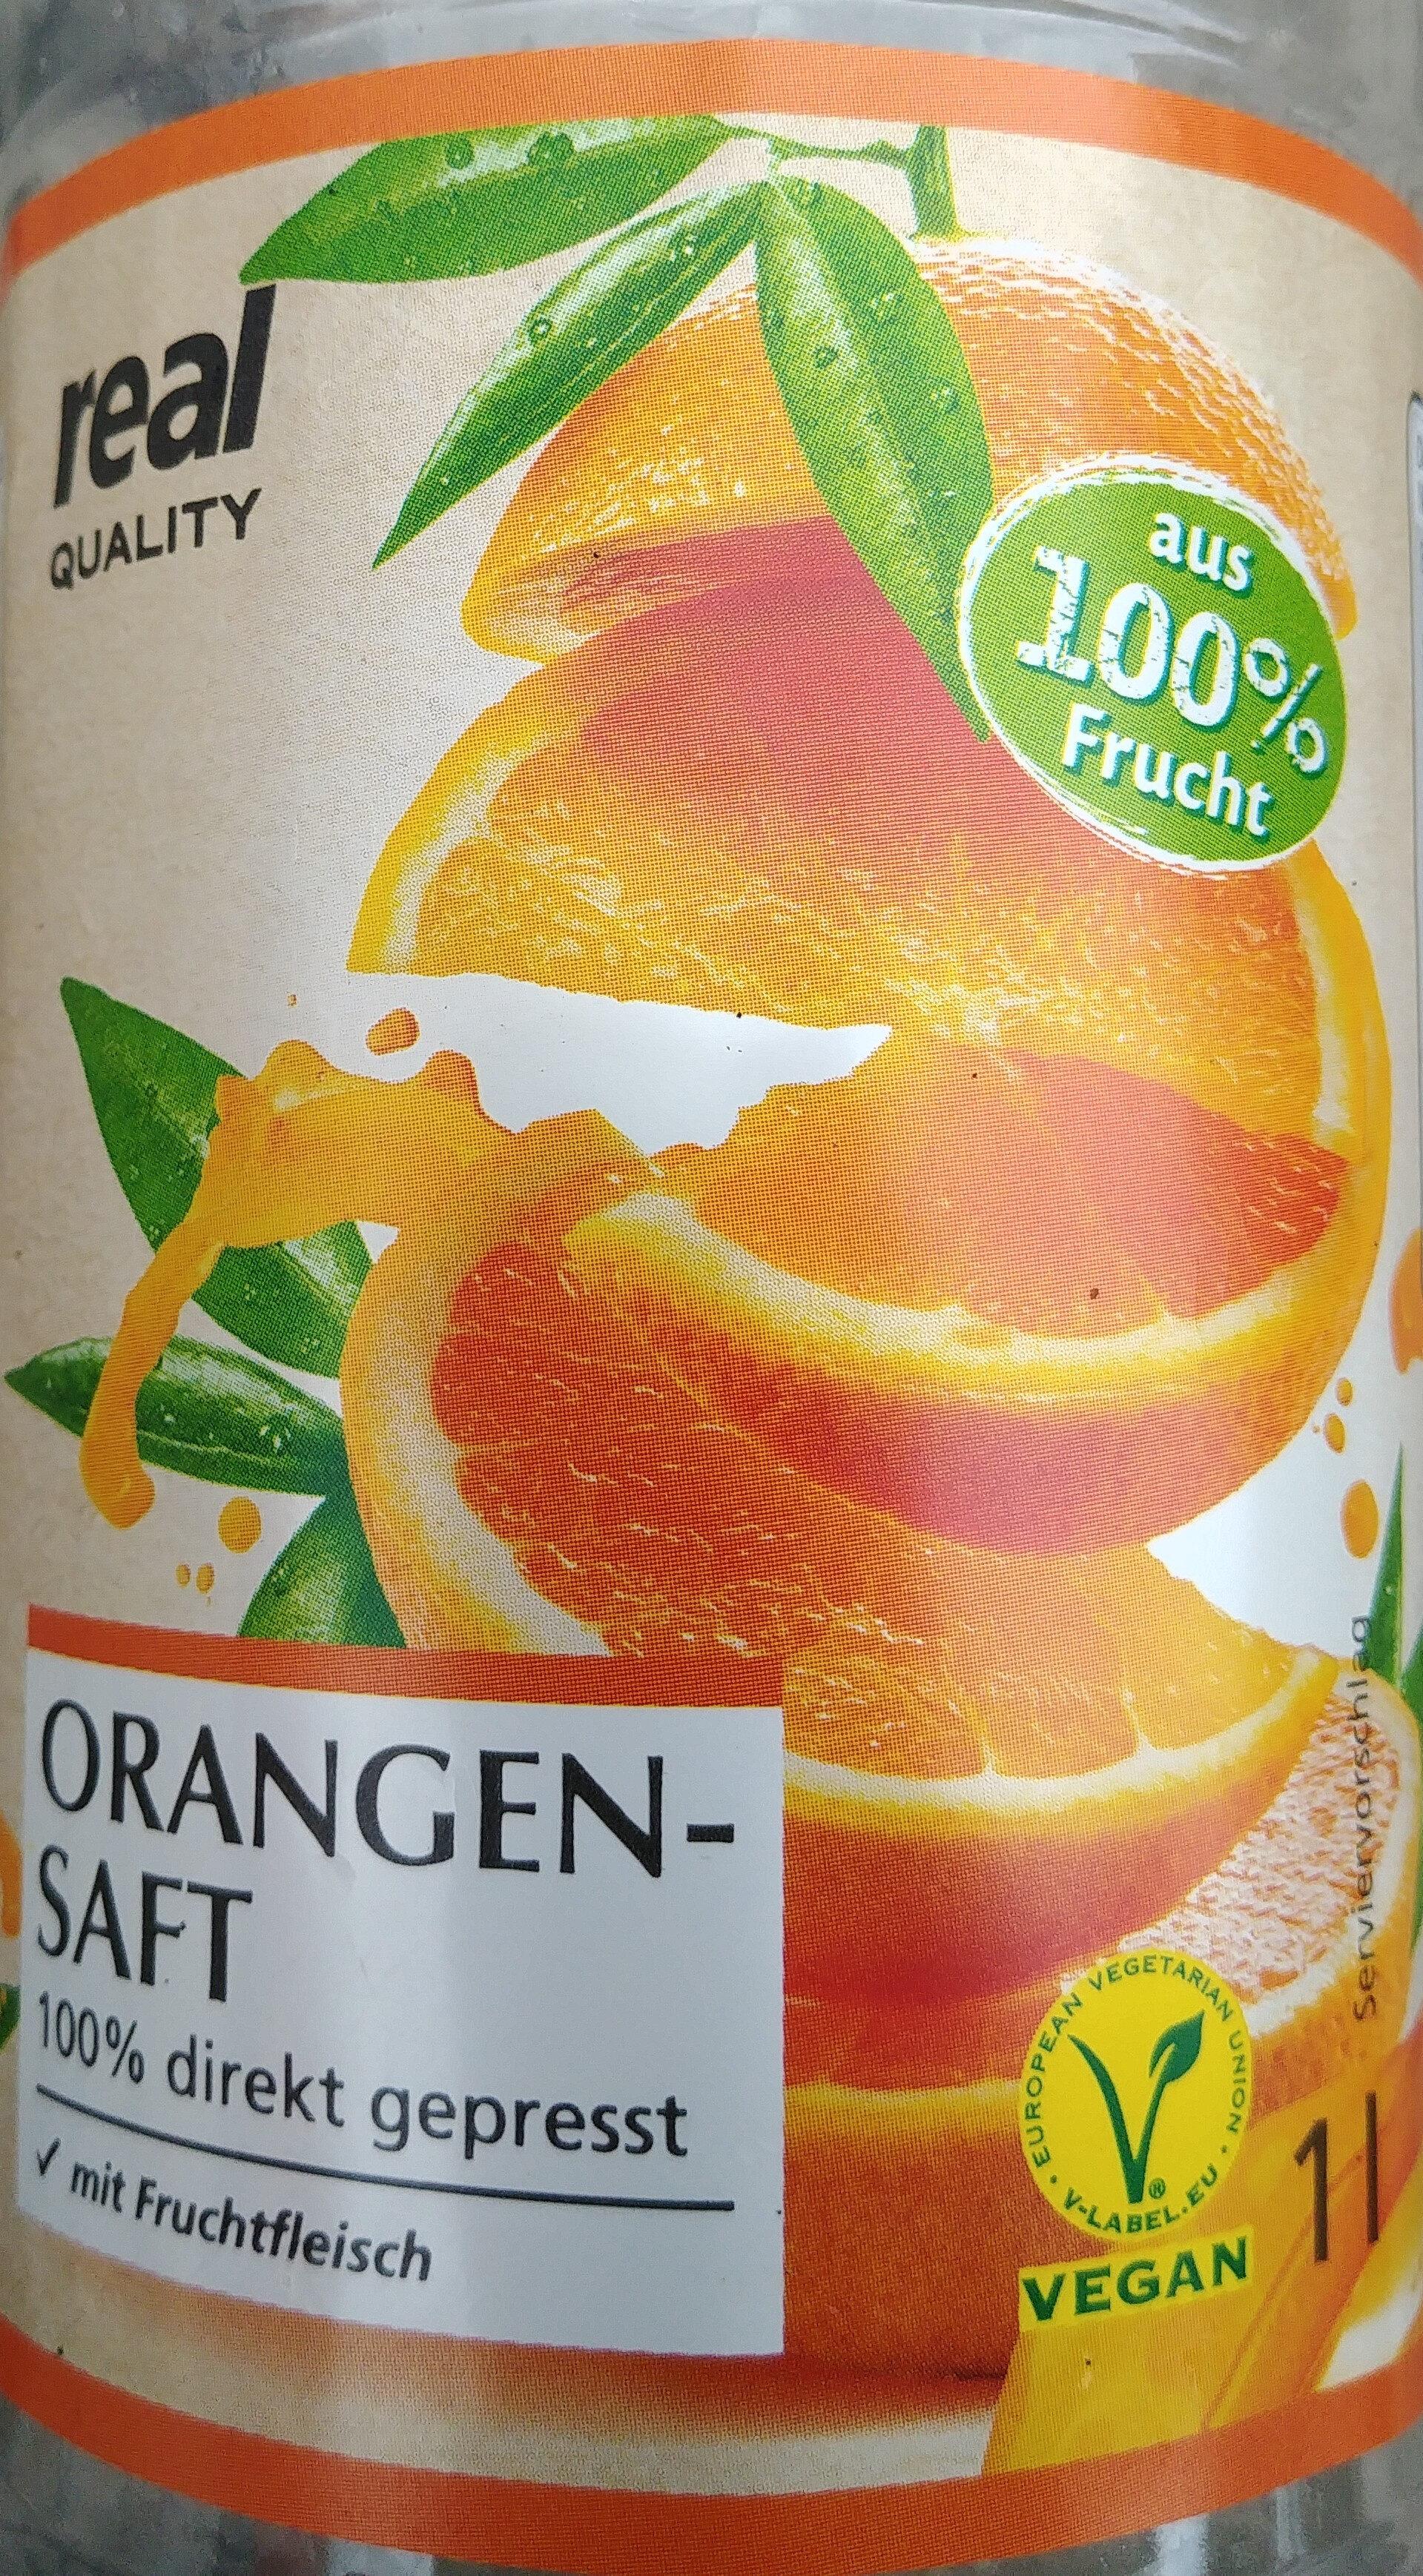 Orangensaft mit Fruchtfleisch direkt gepresst - Product